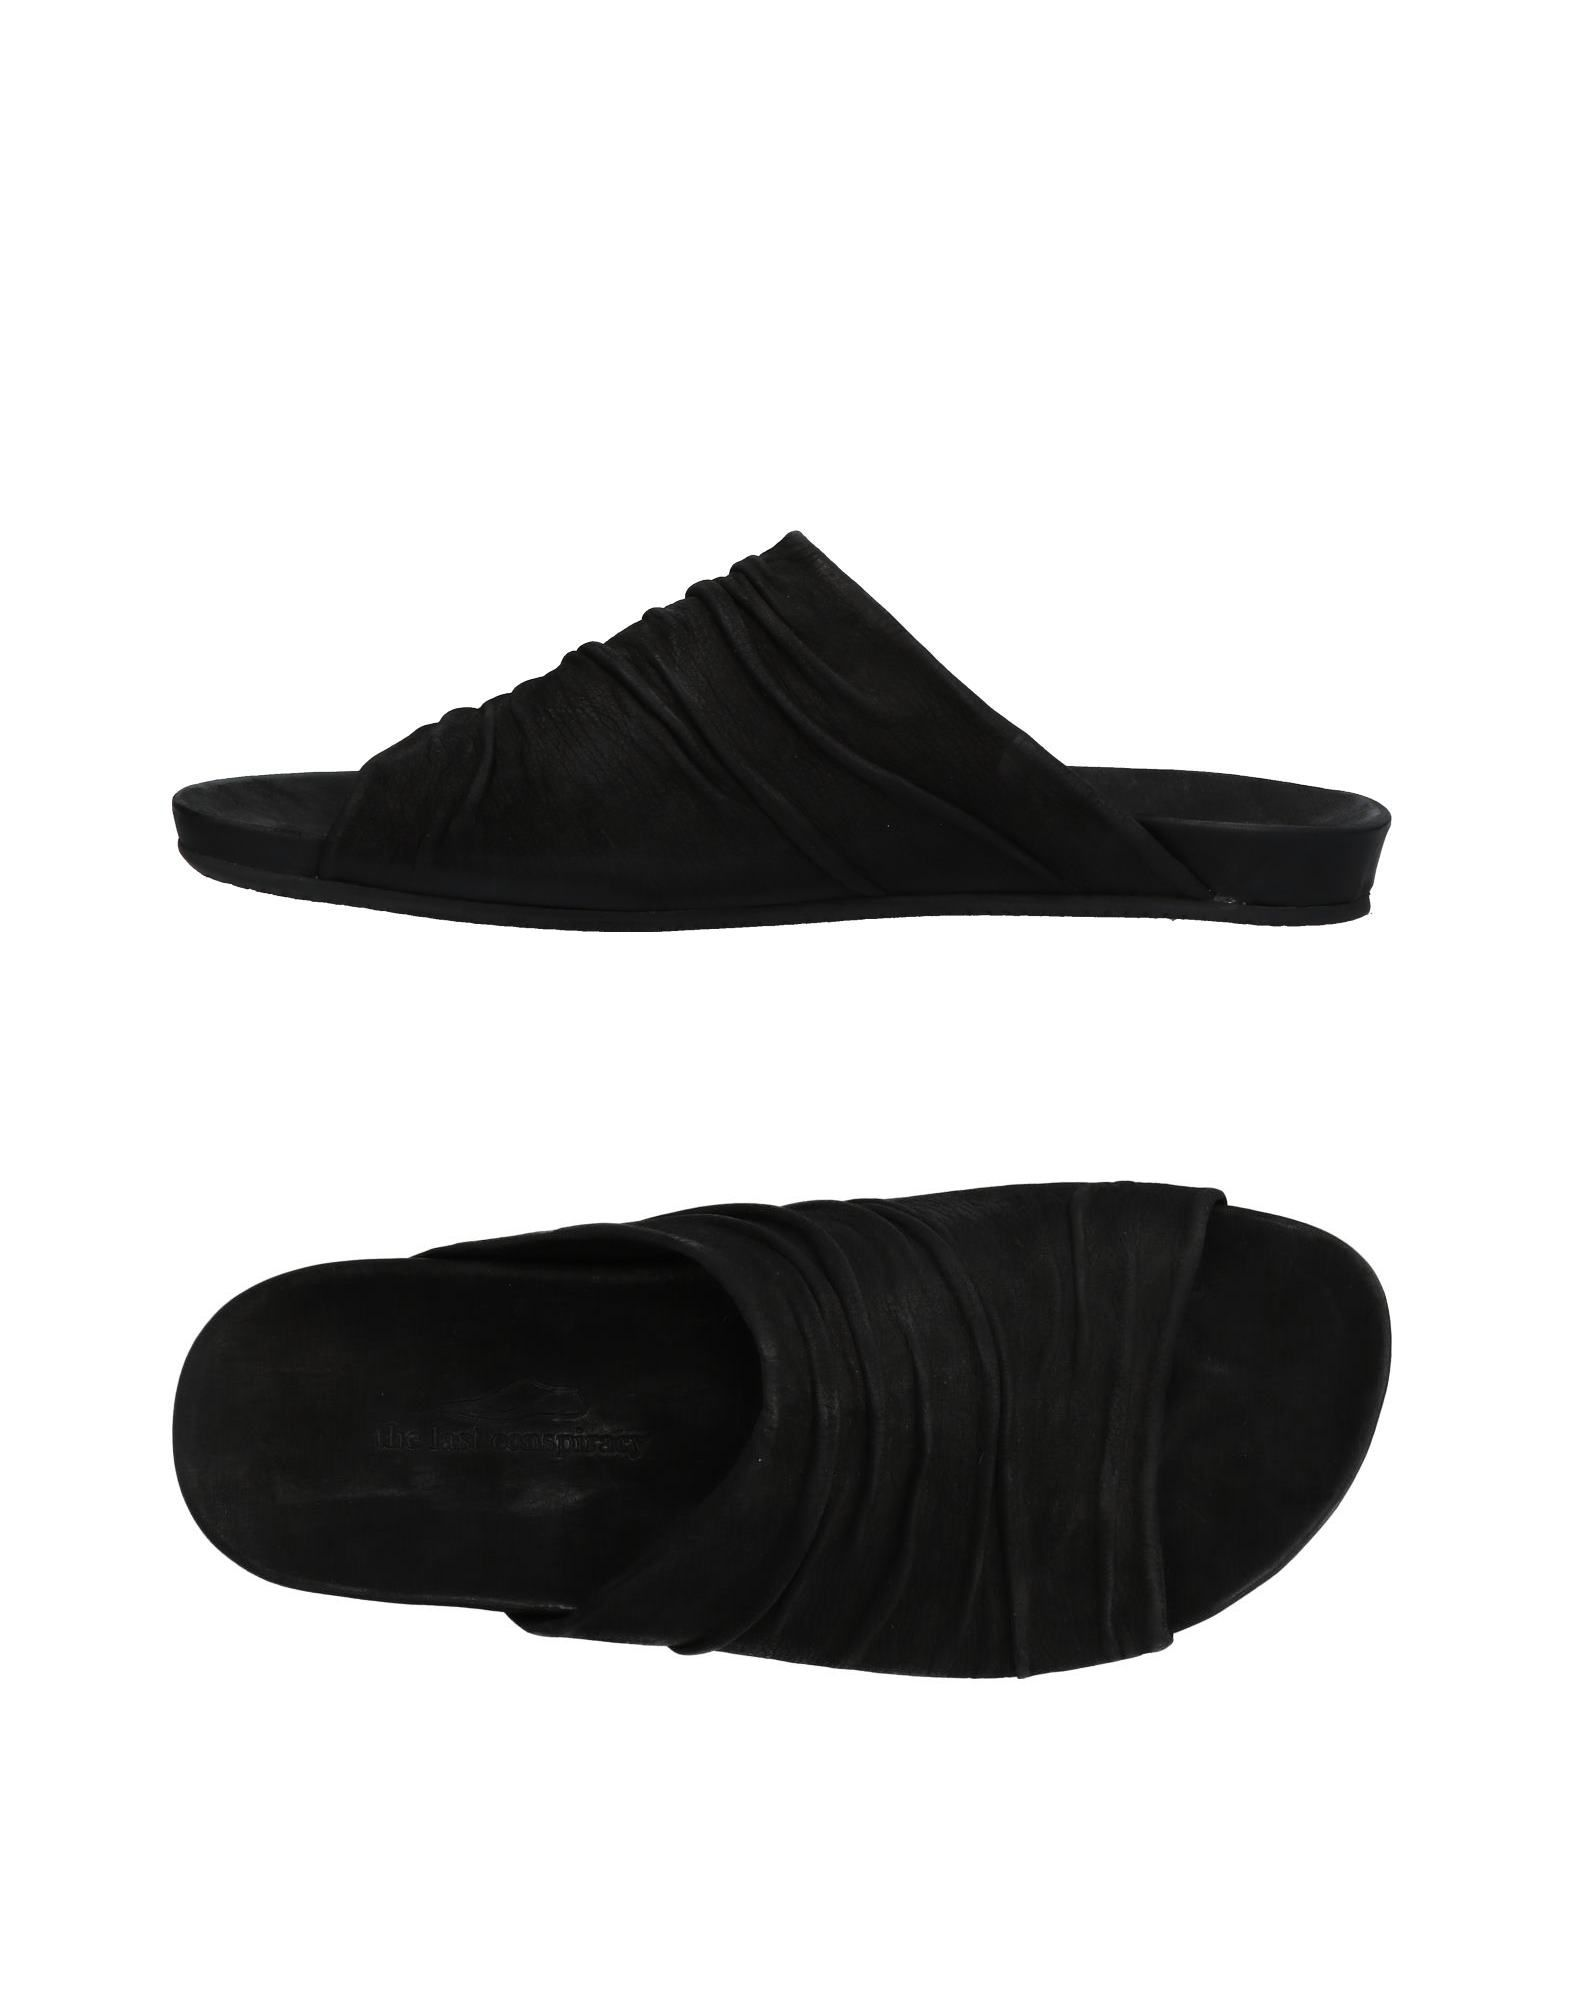 Rabatt echte Schuhe The Last Conspiracy Sandalen Herren  11438586EW